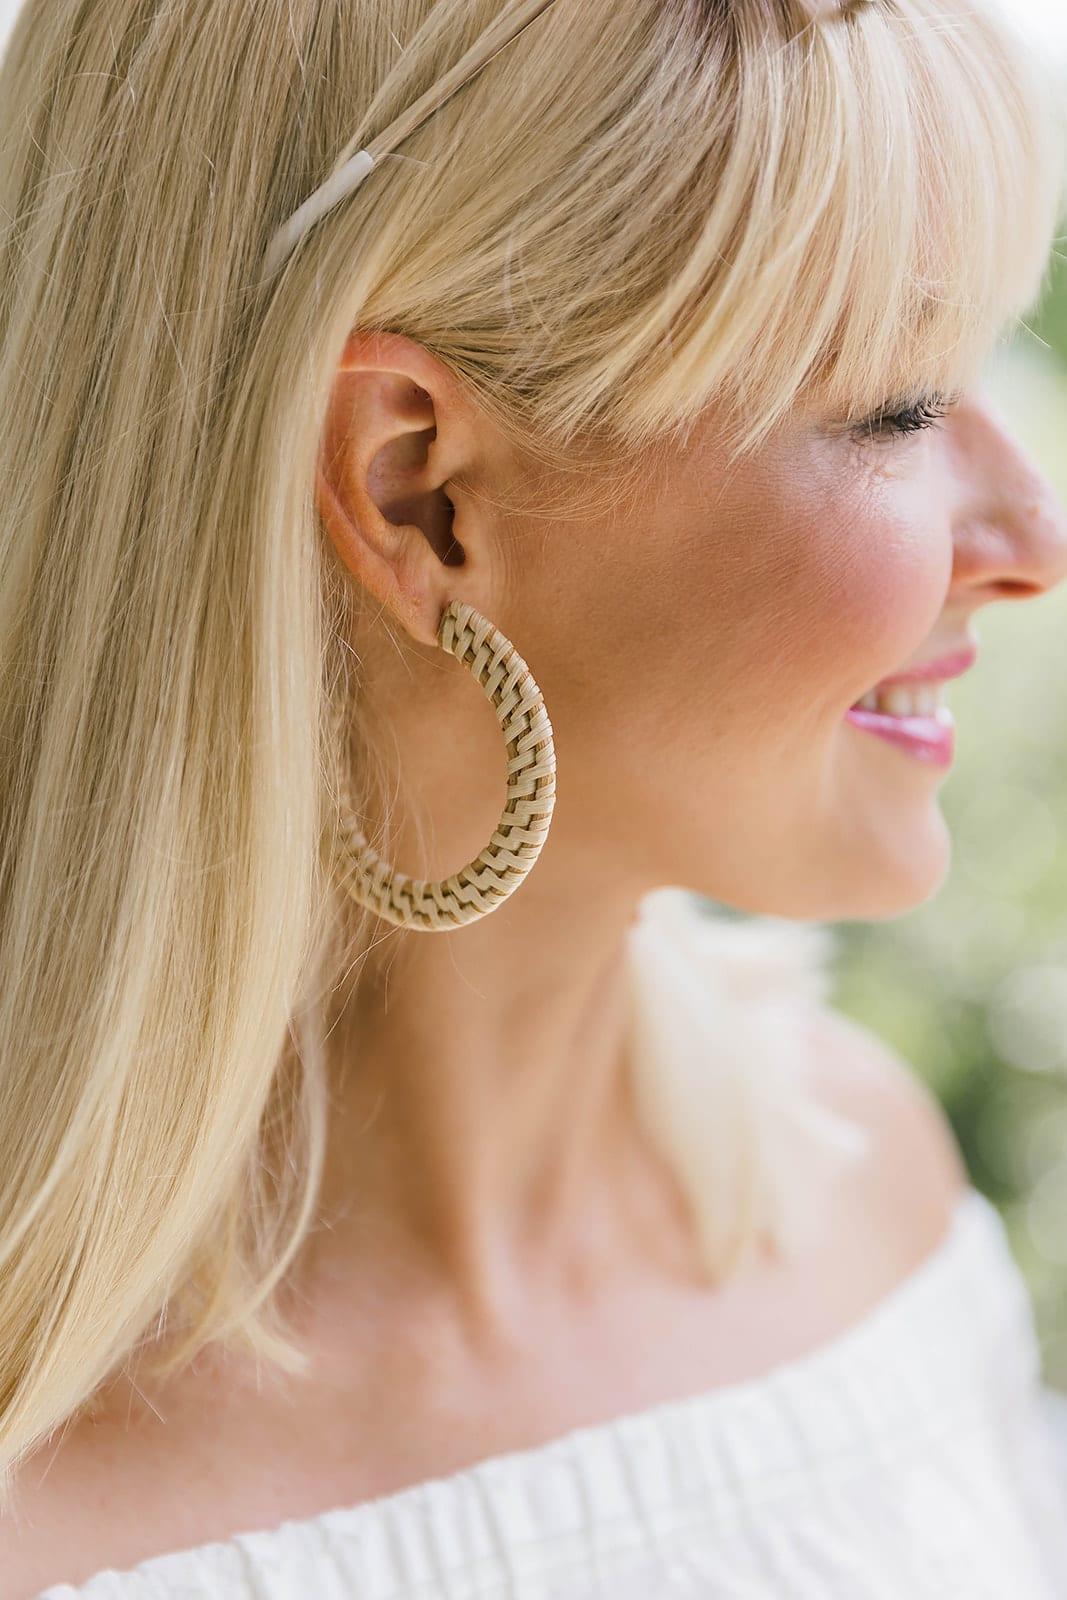 Wicker earrings from Anthropologie. Summer lightweight earrings on sale.